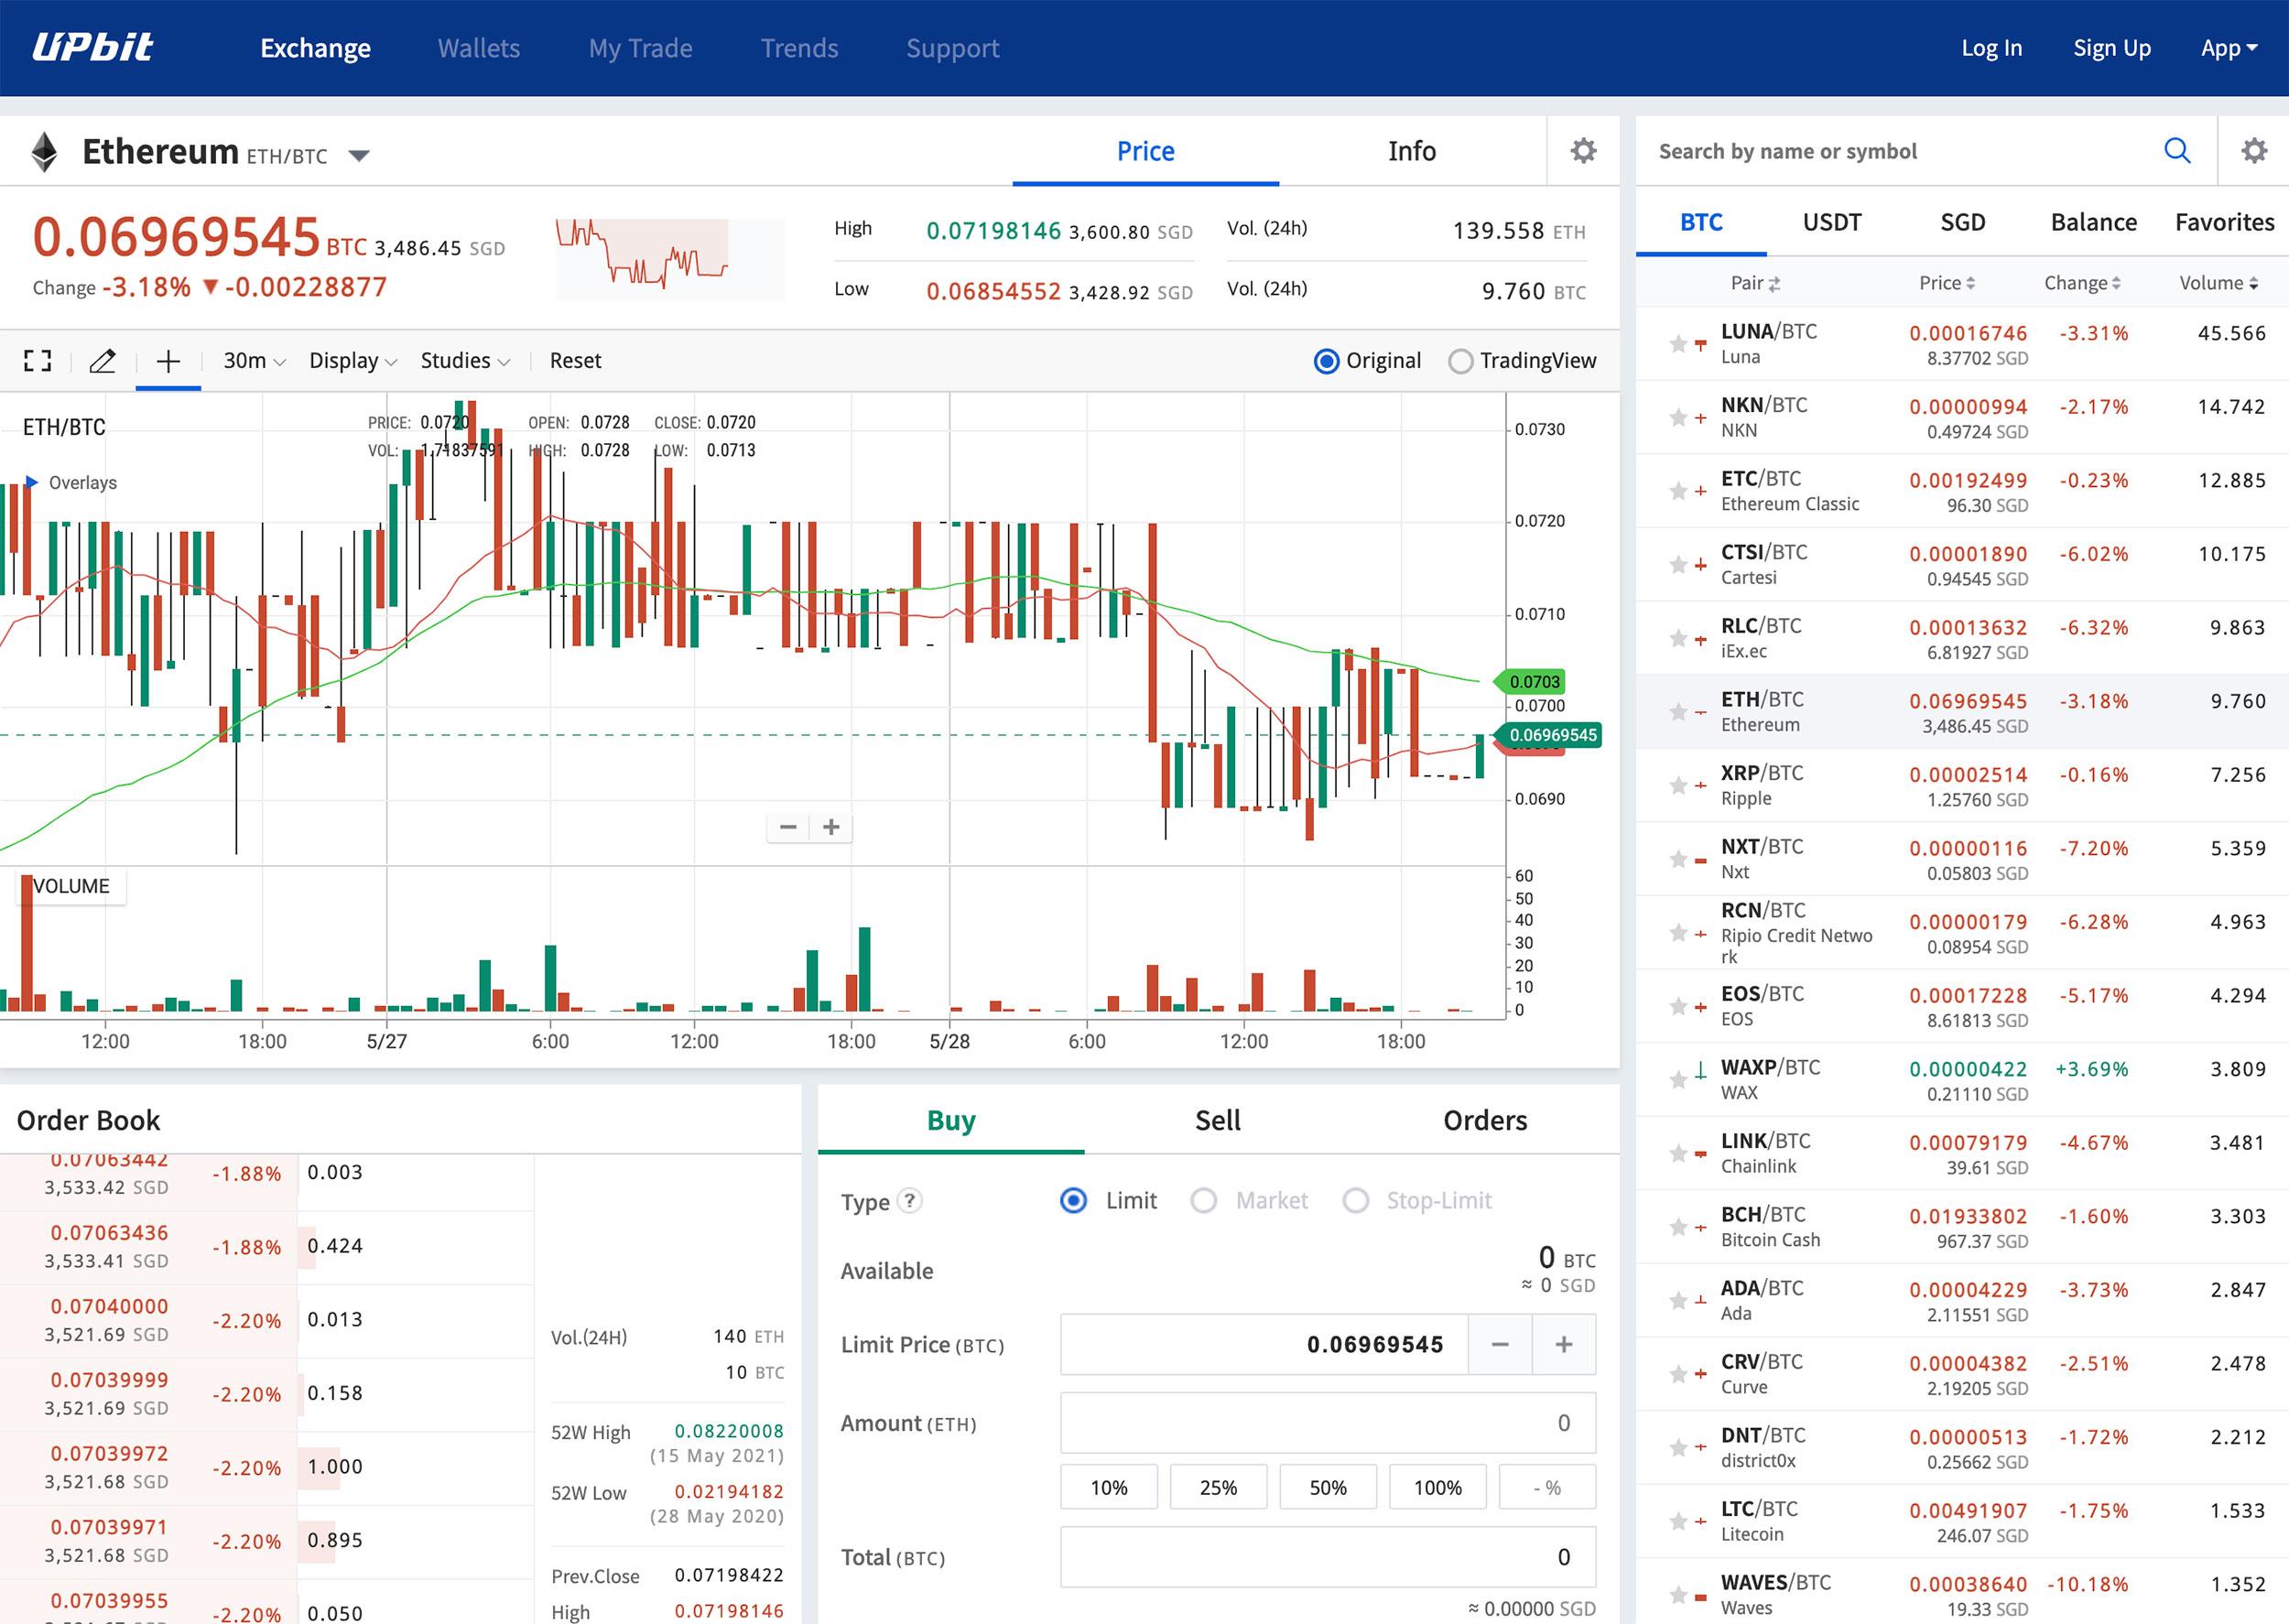 биржа криптовалют upbit платформа интерфейс